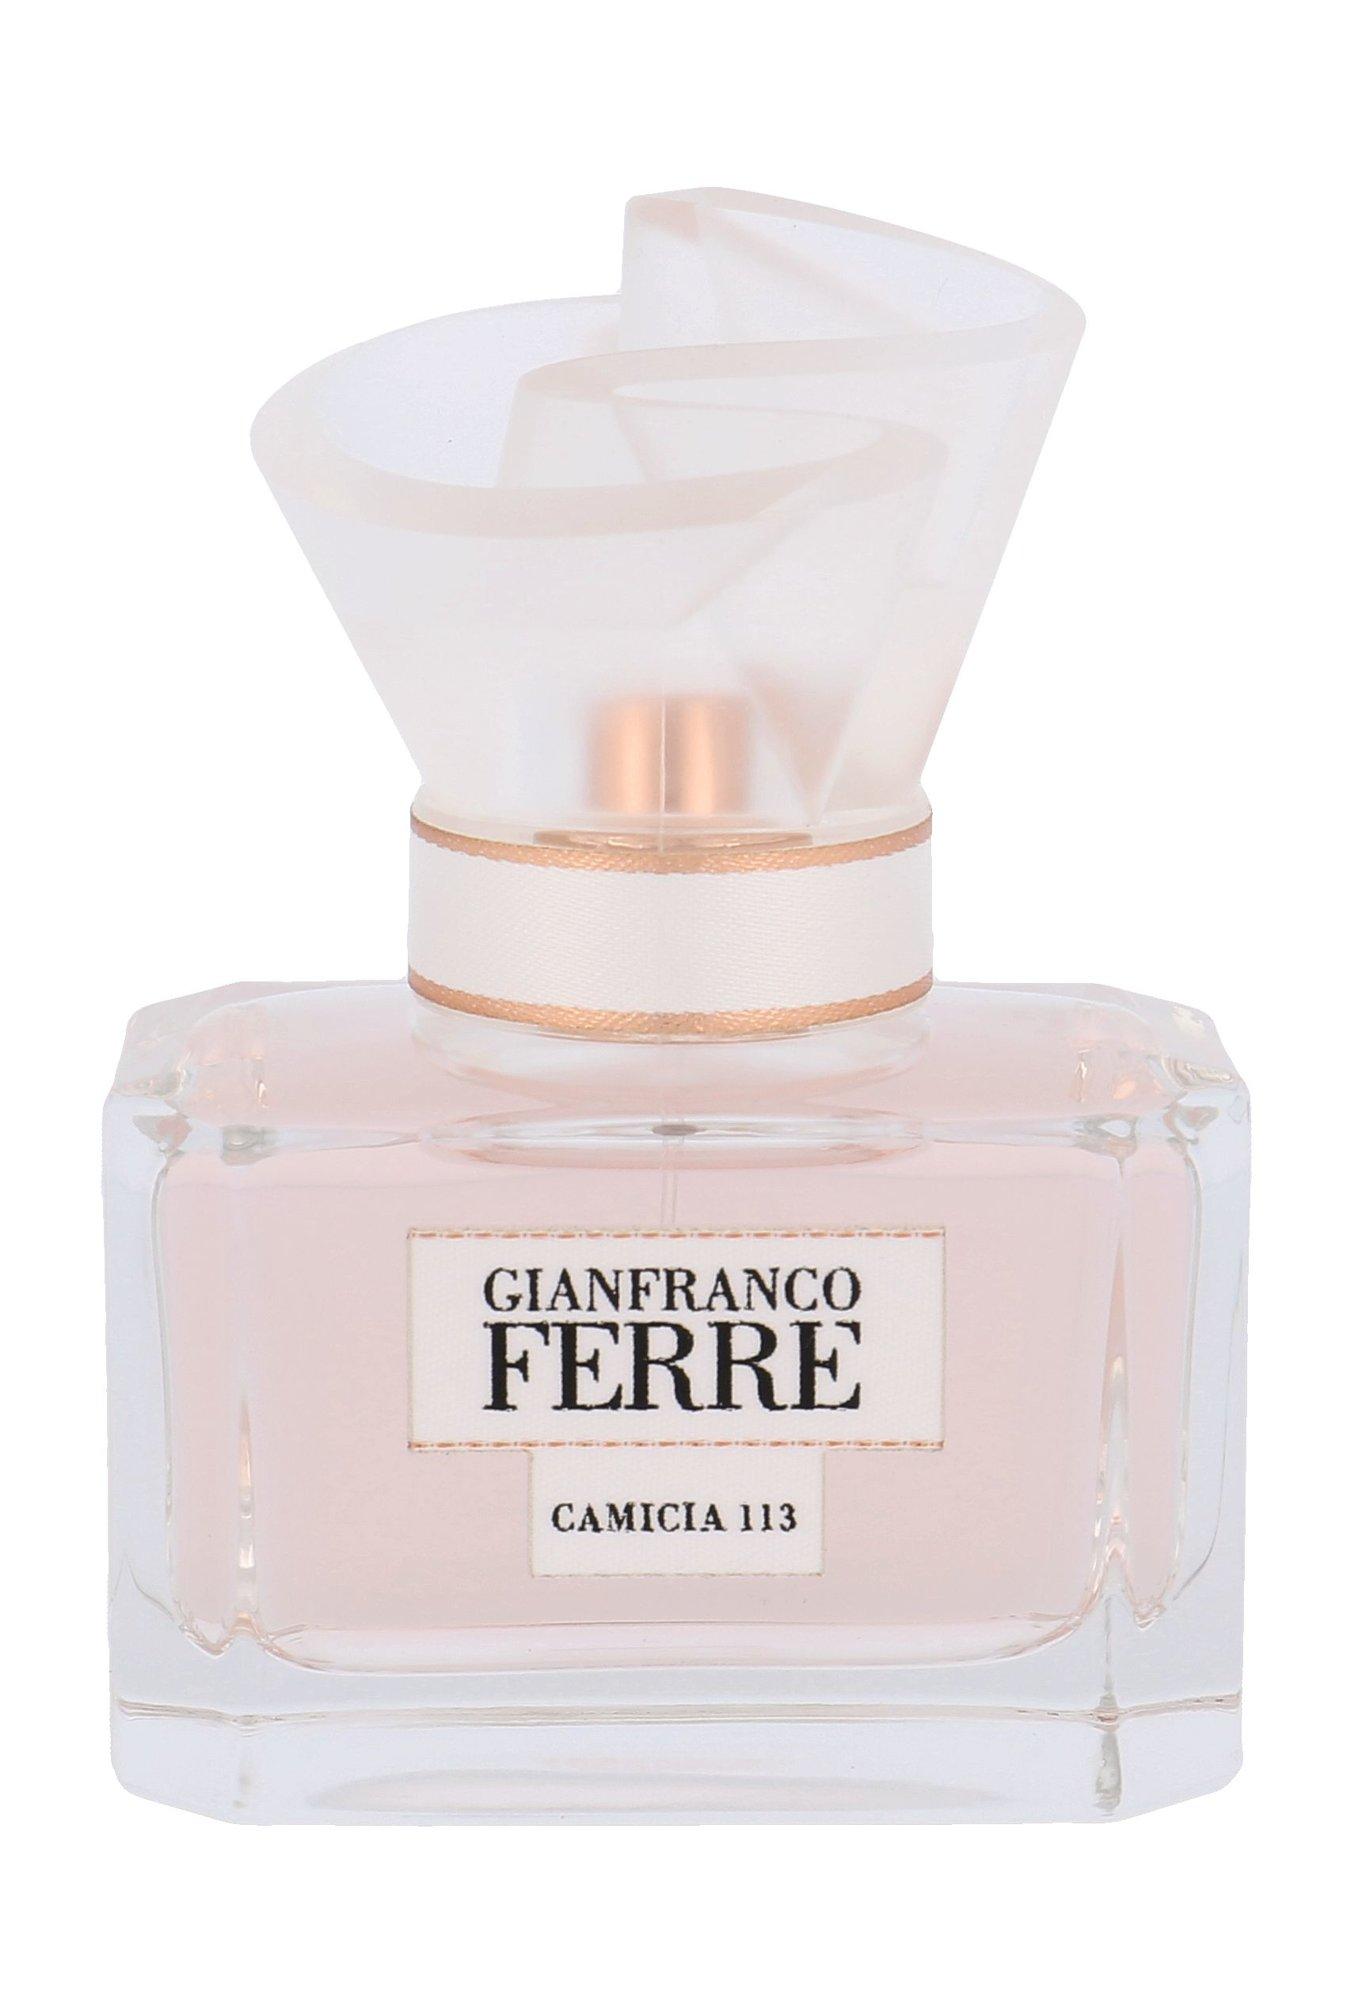 Gianfranco Ferré Camicia 113 EDT 50ml